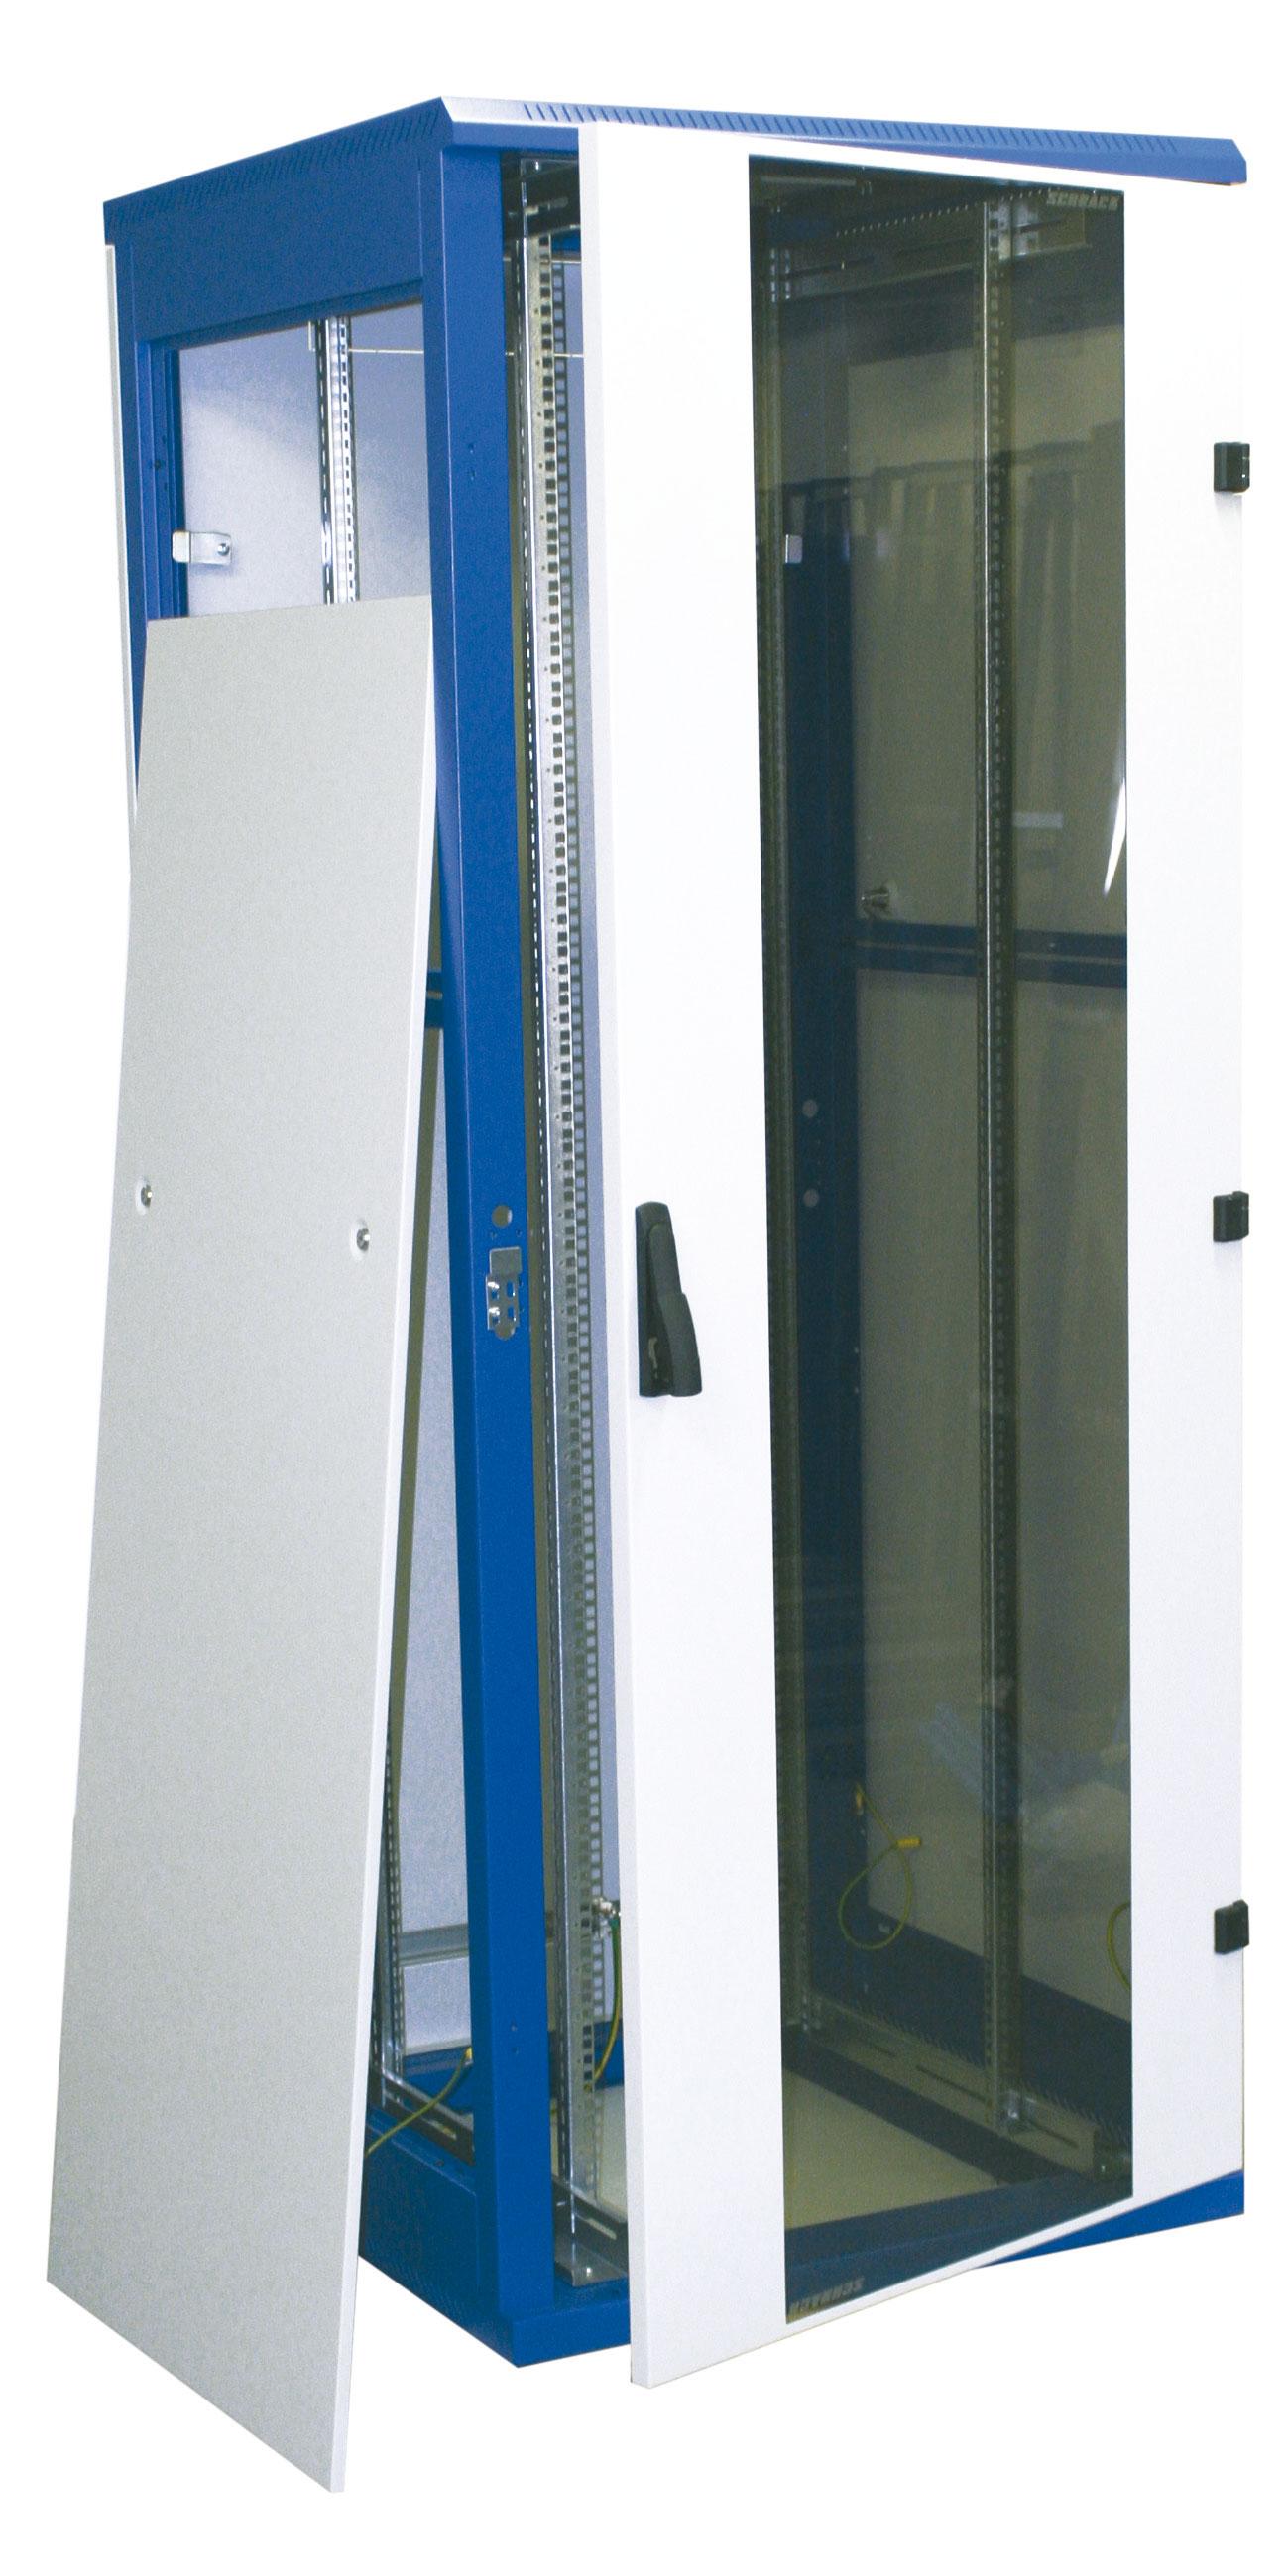 1 Stk Netzwerk-Standschrank DSZ,zerlegbar,B800xH2105xT 800,1945HE DSZ458080-